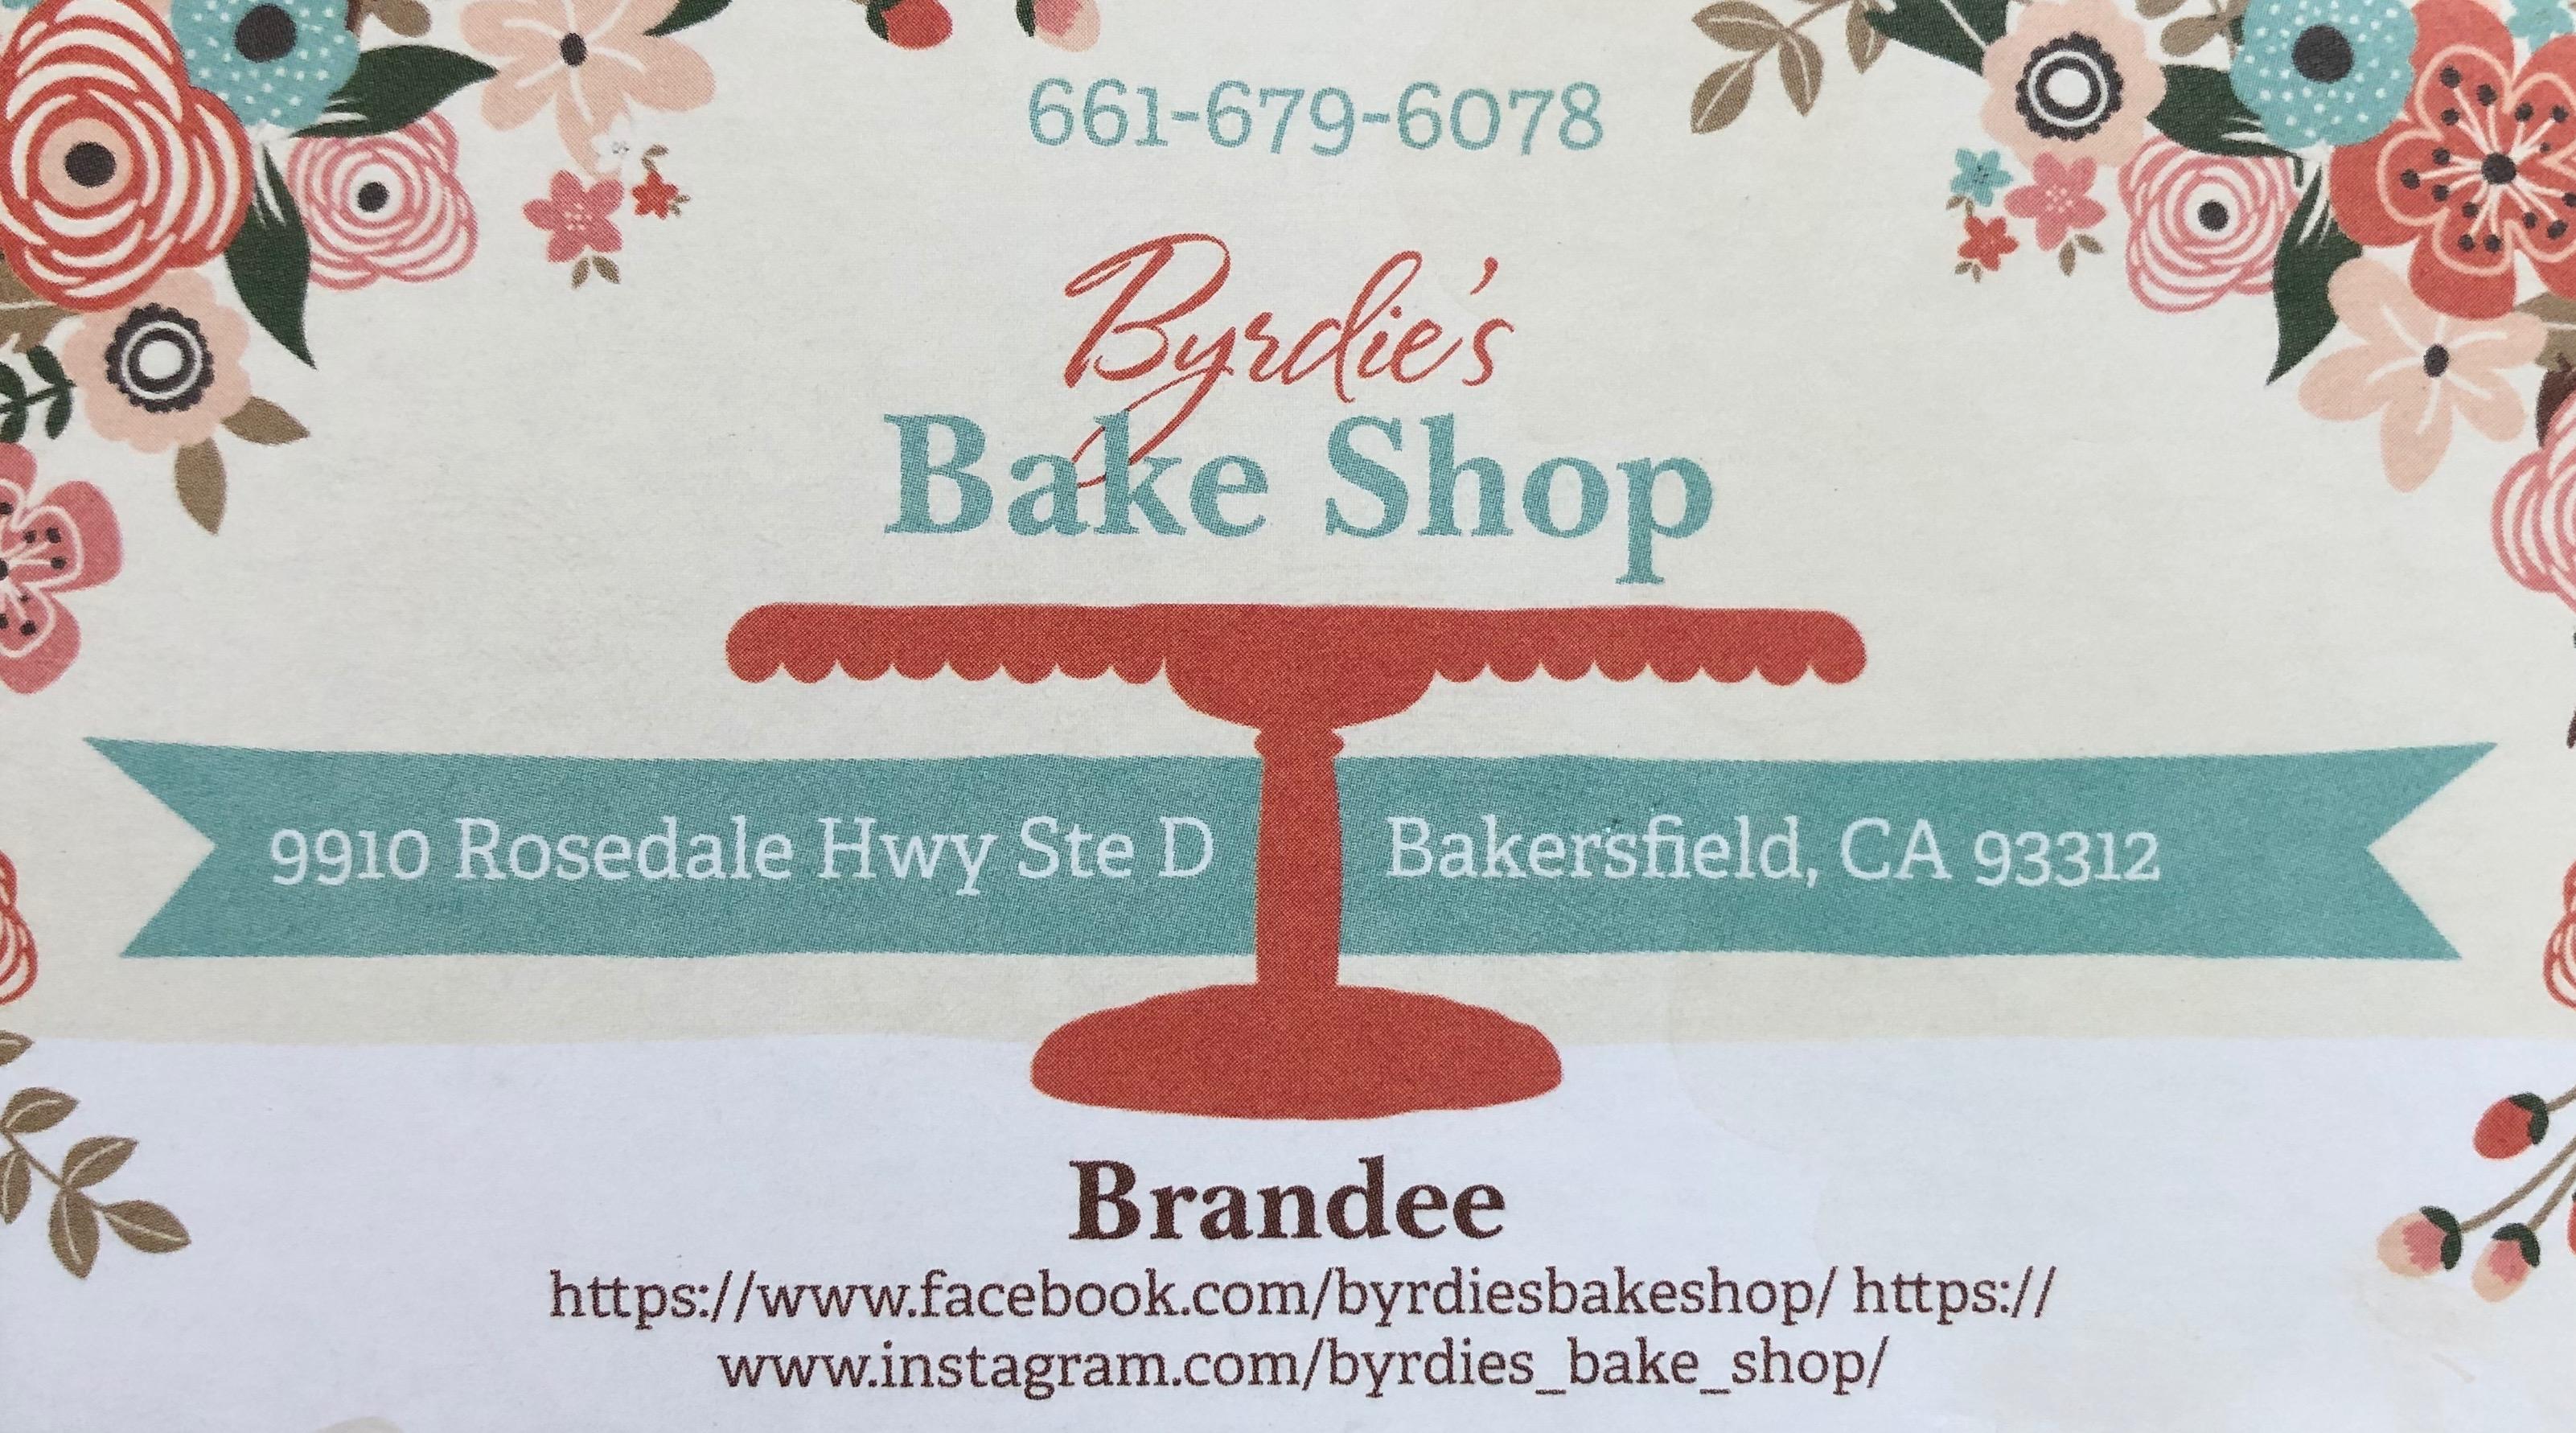 Byrdie's Bake Shop